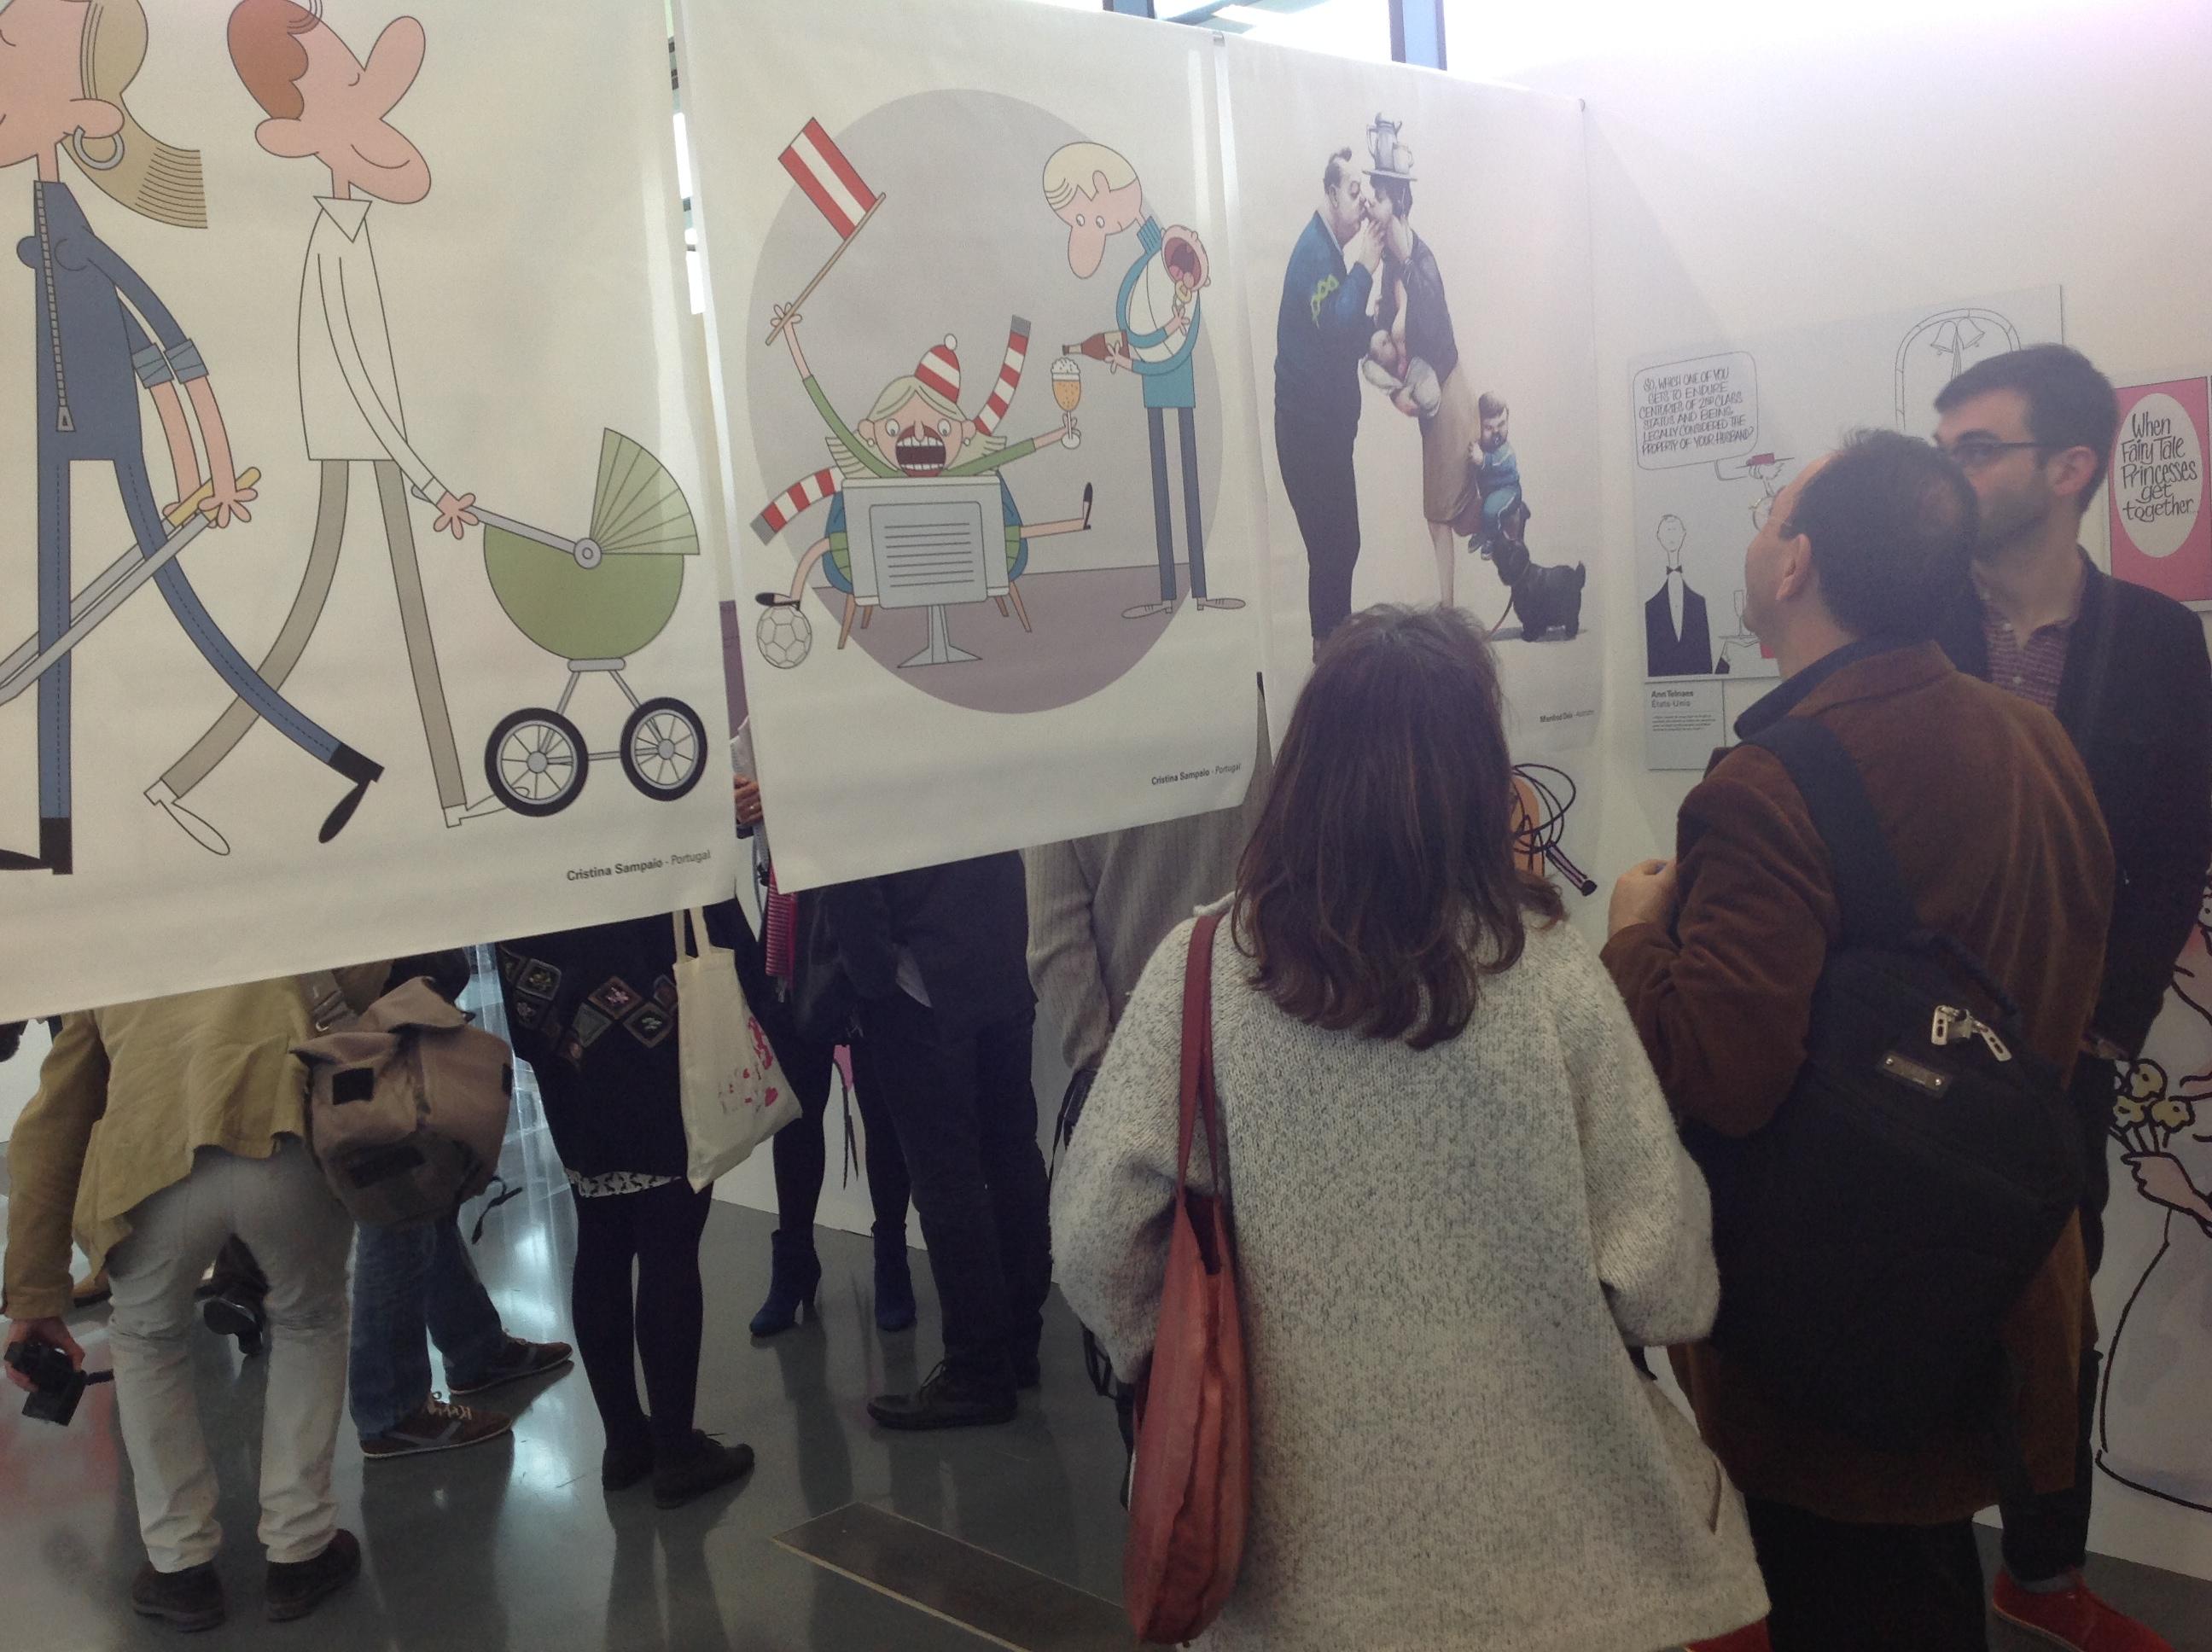 evenement-festival-dessin-presse-11